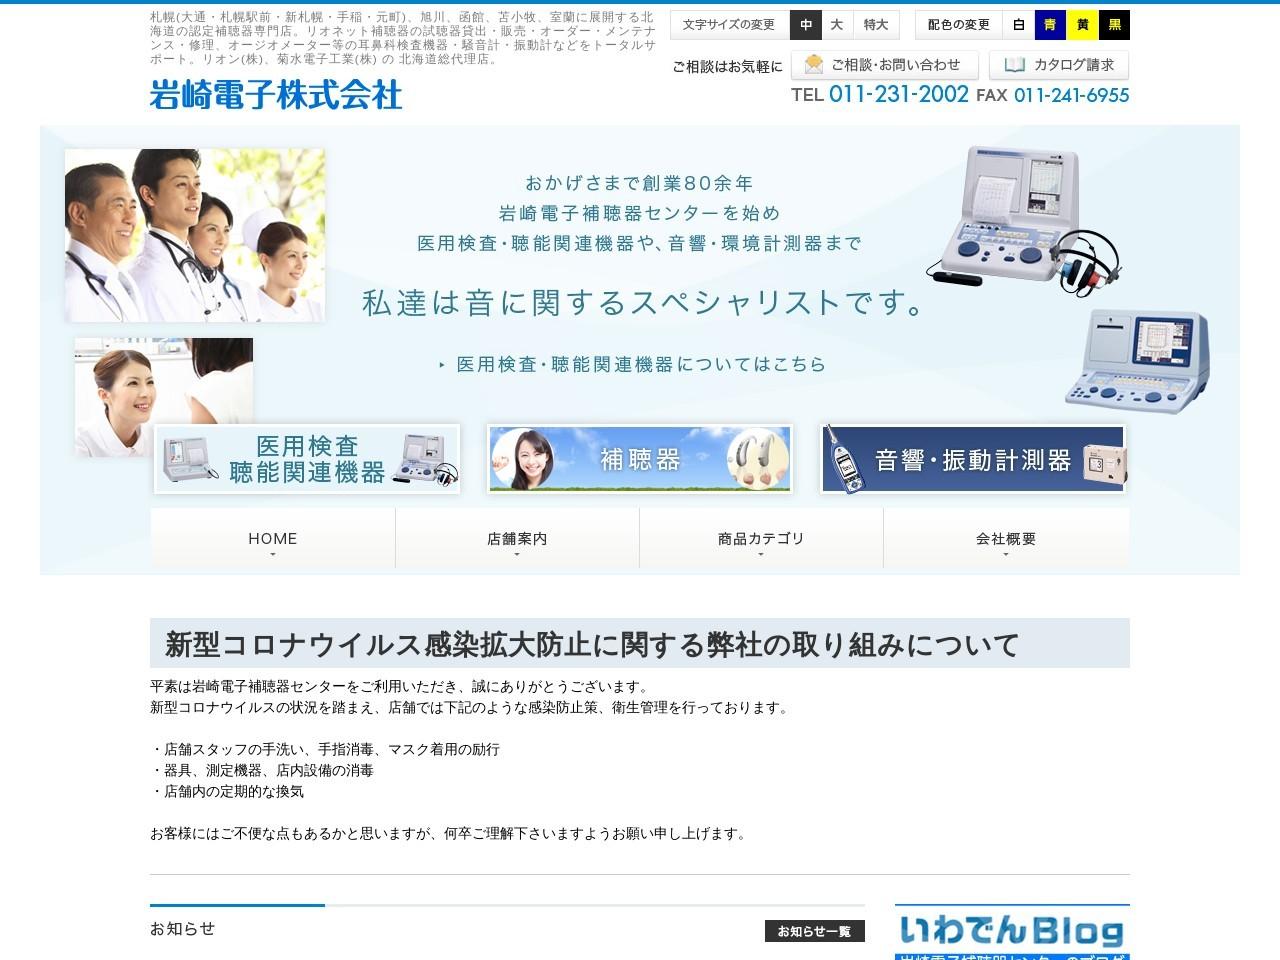 岩崎電子株式会社